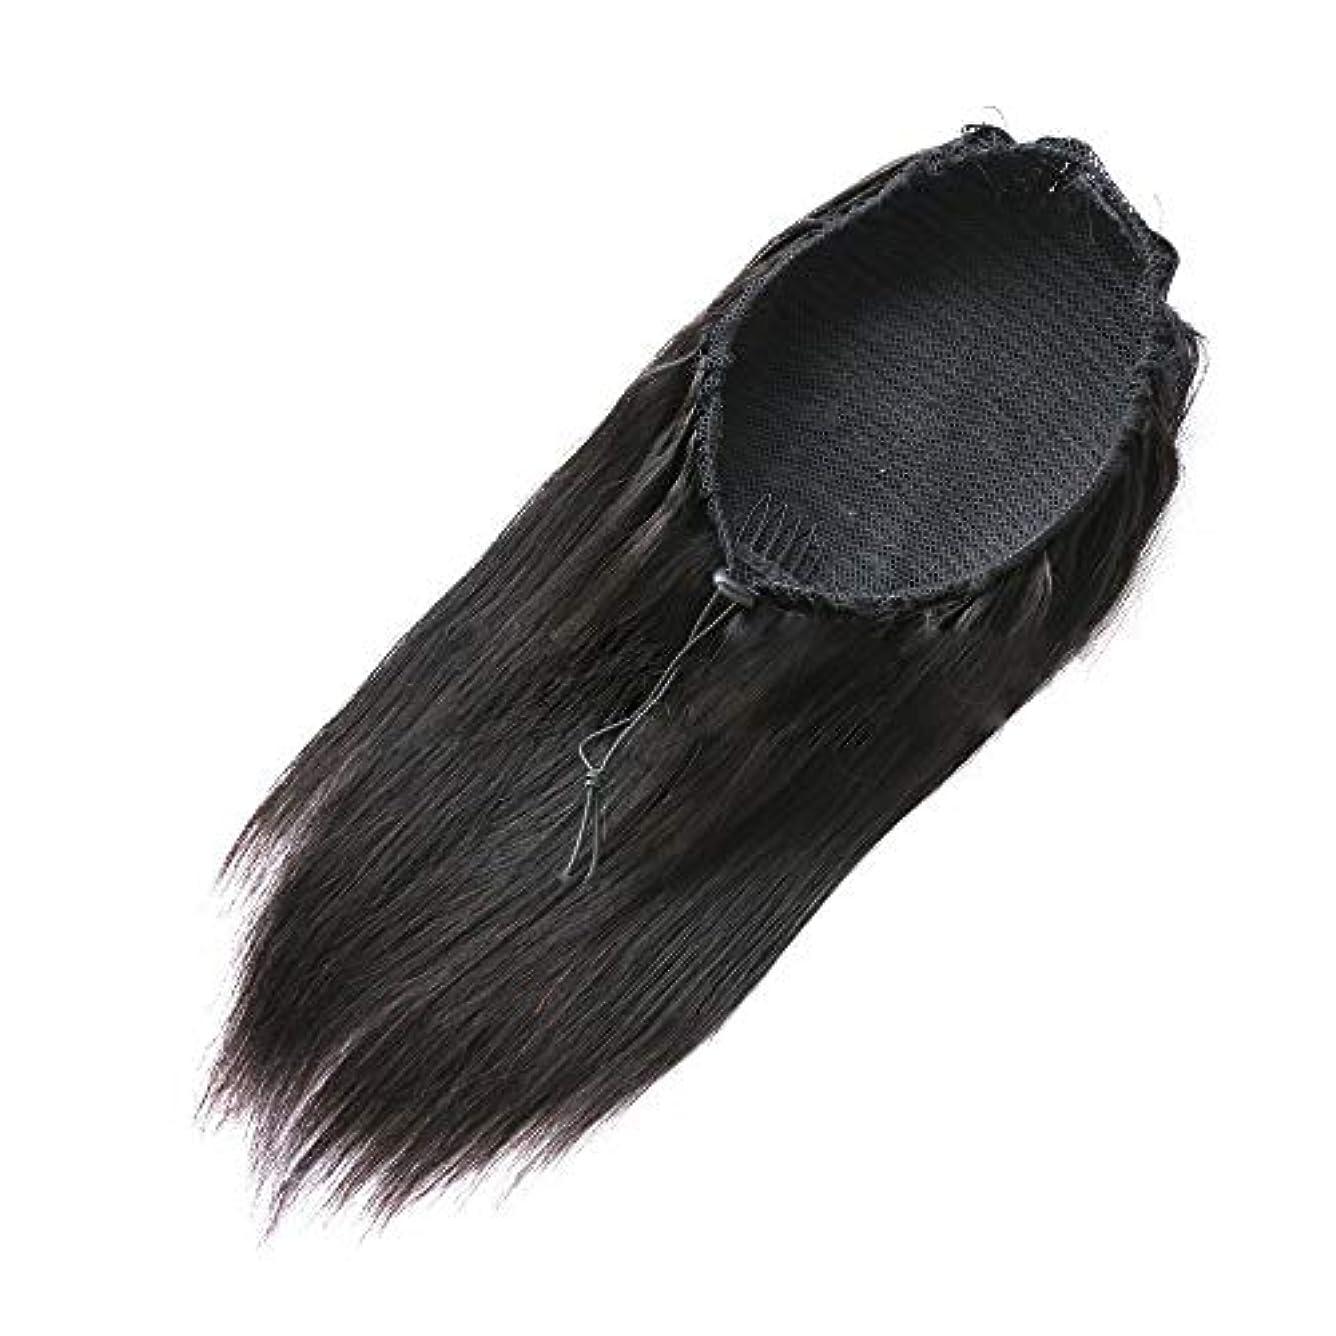 SRY-Wigファッション ファッションかつら人毛レース閉鎖かつらマレーシアレミー人毛かつら未処理レースフロントかつら女性の自然な色 (Color : ブラック, Size : 18inch)